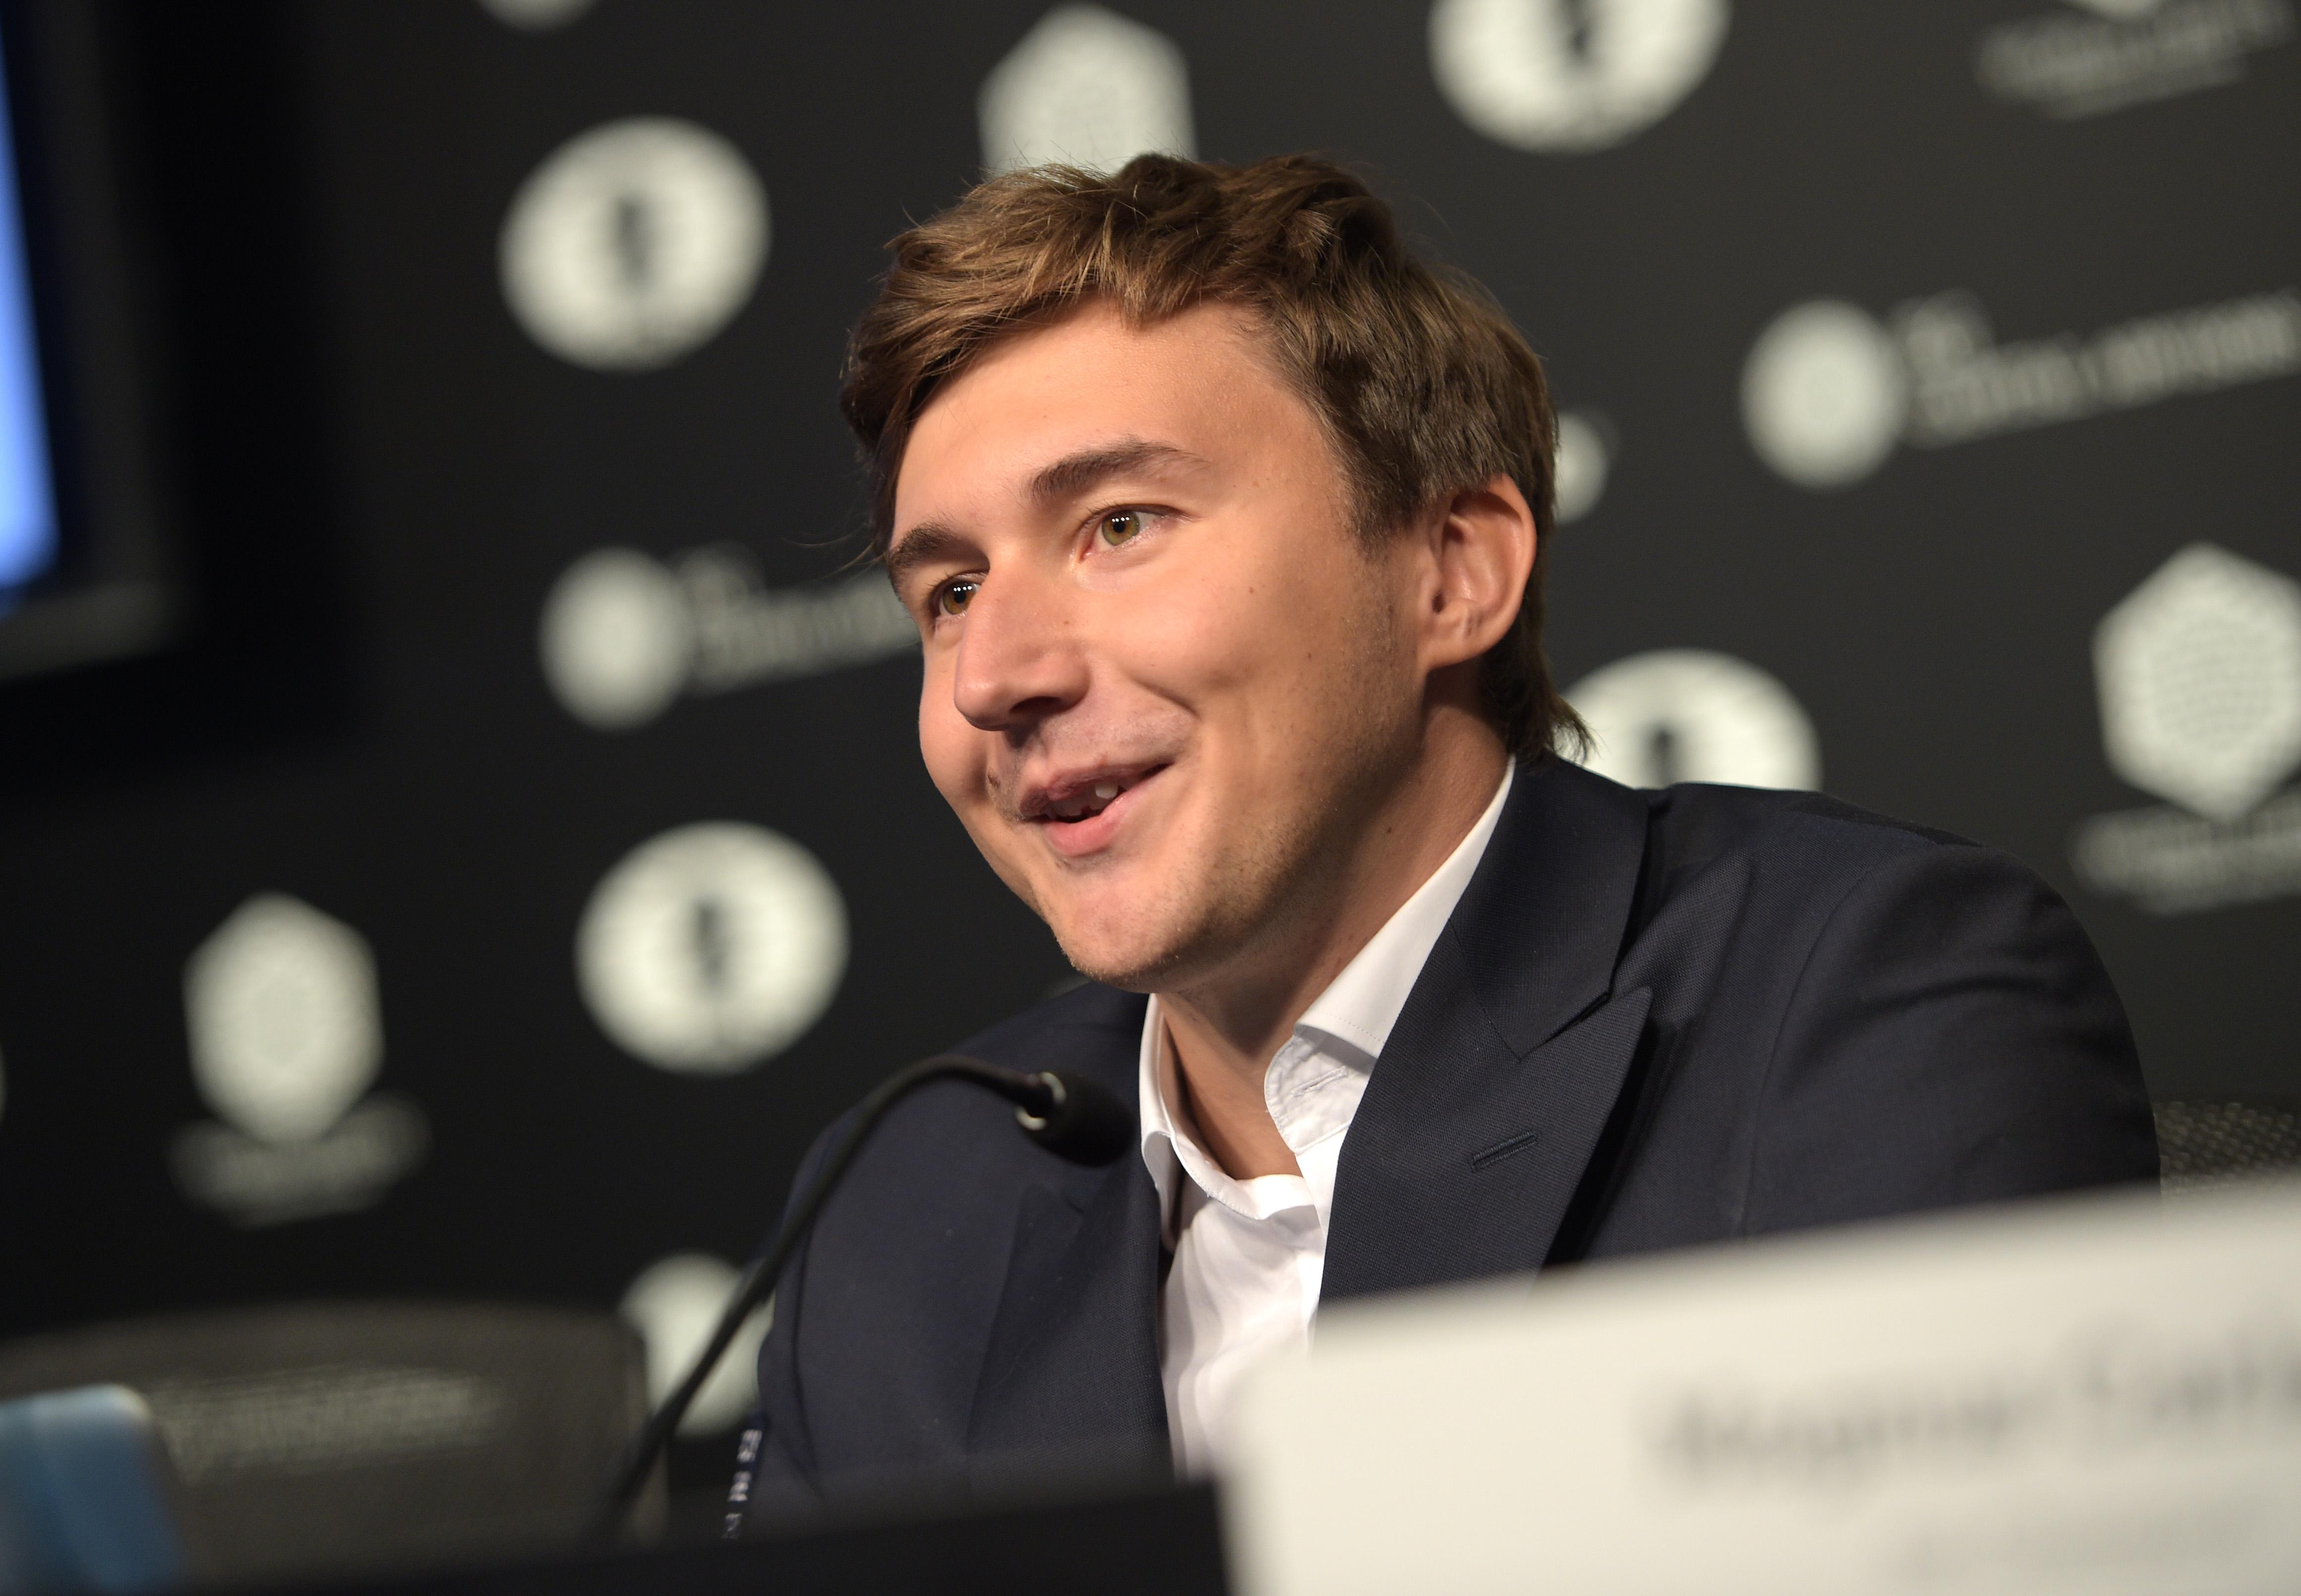 Hét döntetlen után megszerezte a vezetést Karjakin a sakkvilágbajnokság döntőjében